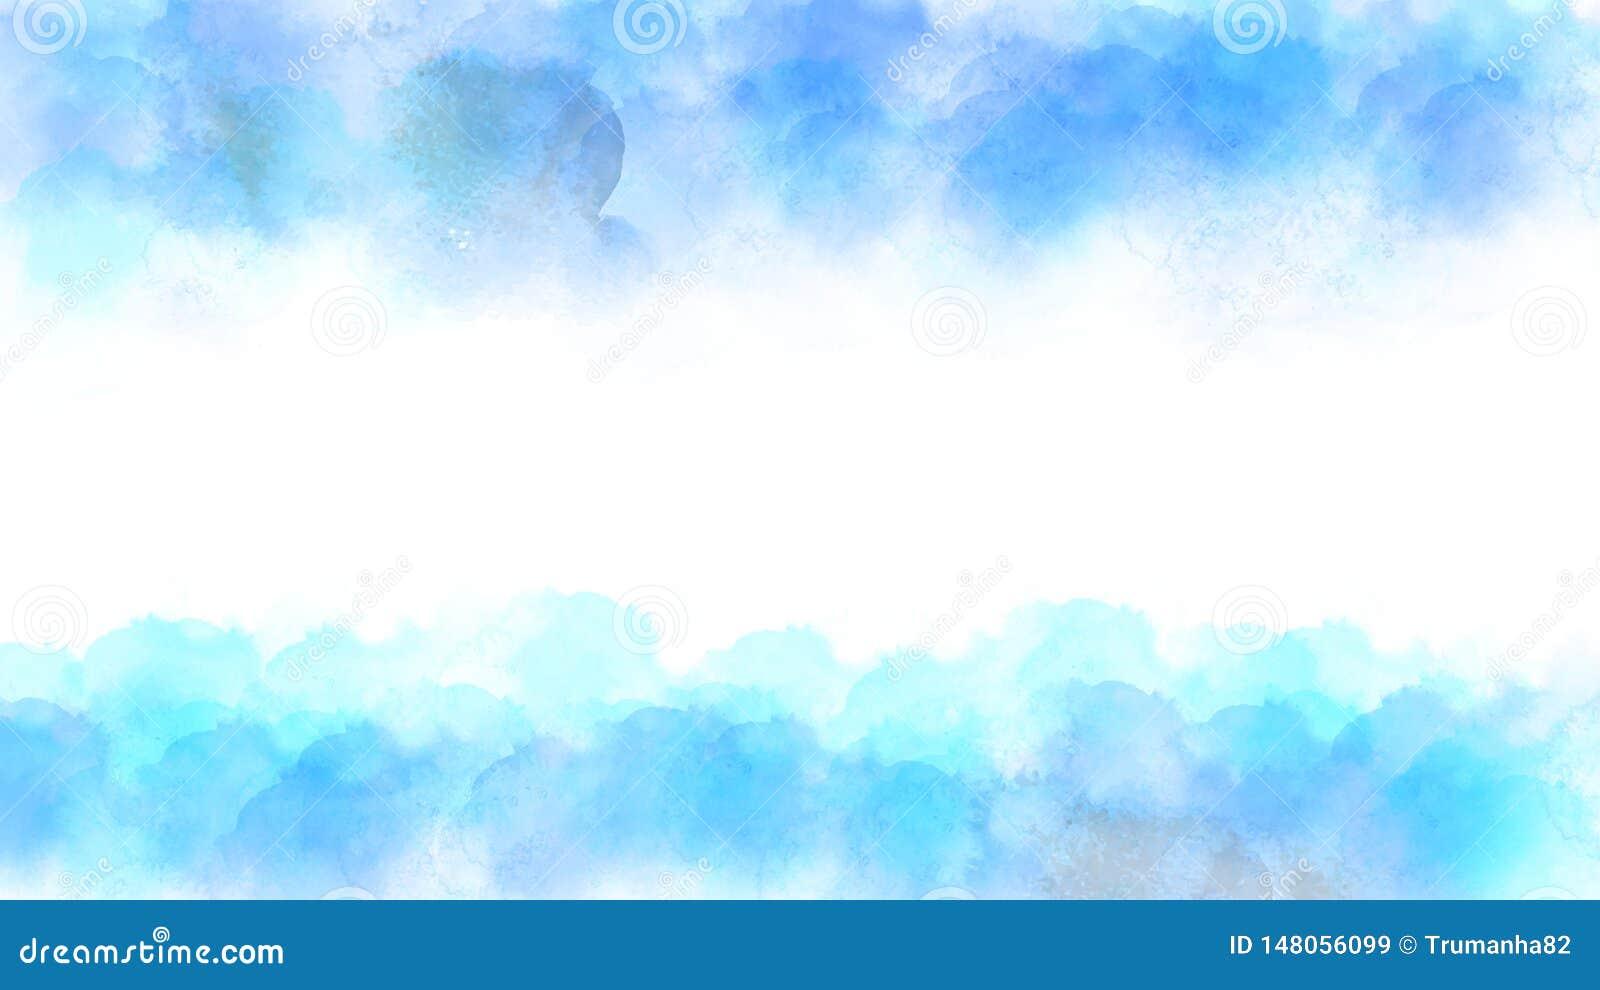 Vektor-blauer und grüner Aquarell-Beschaffenheits-Rahmen für abstrakten Hintergrund